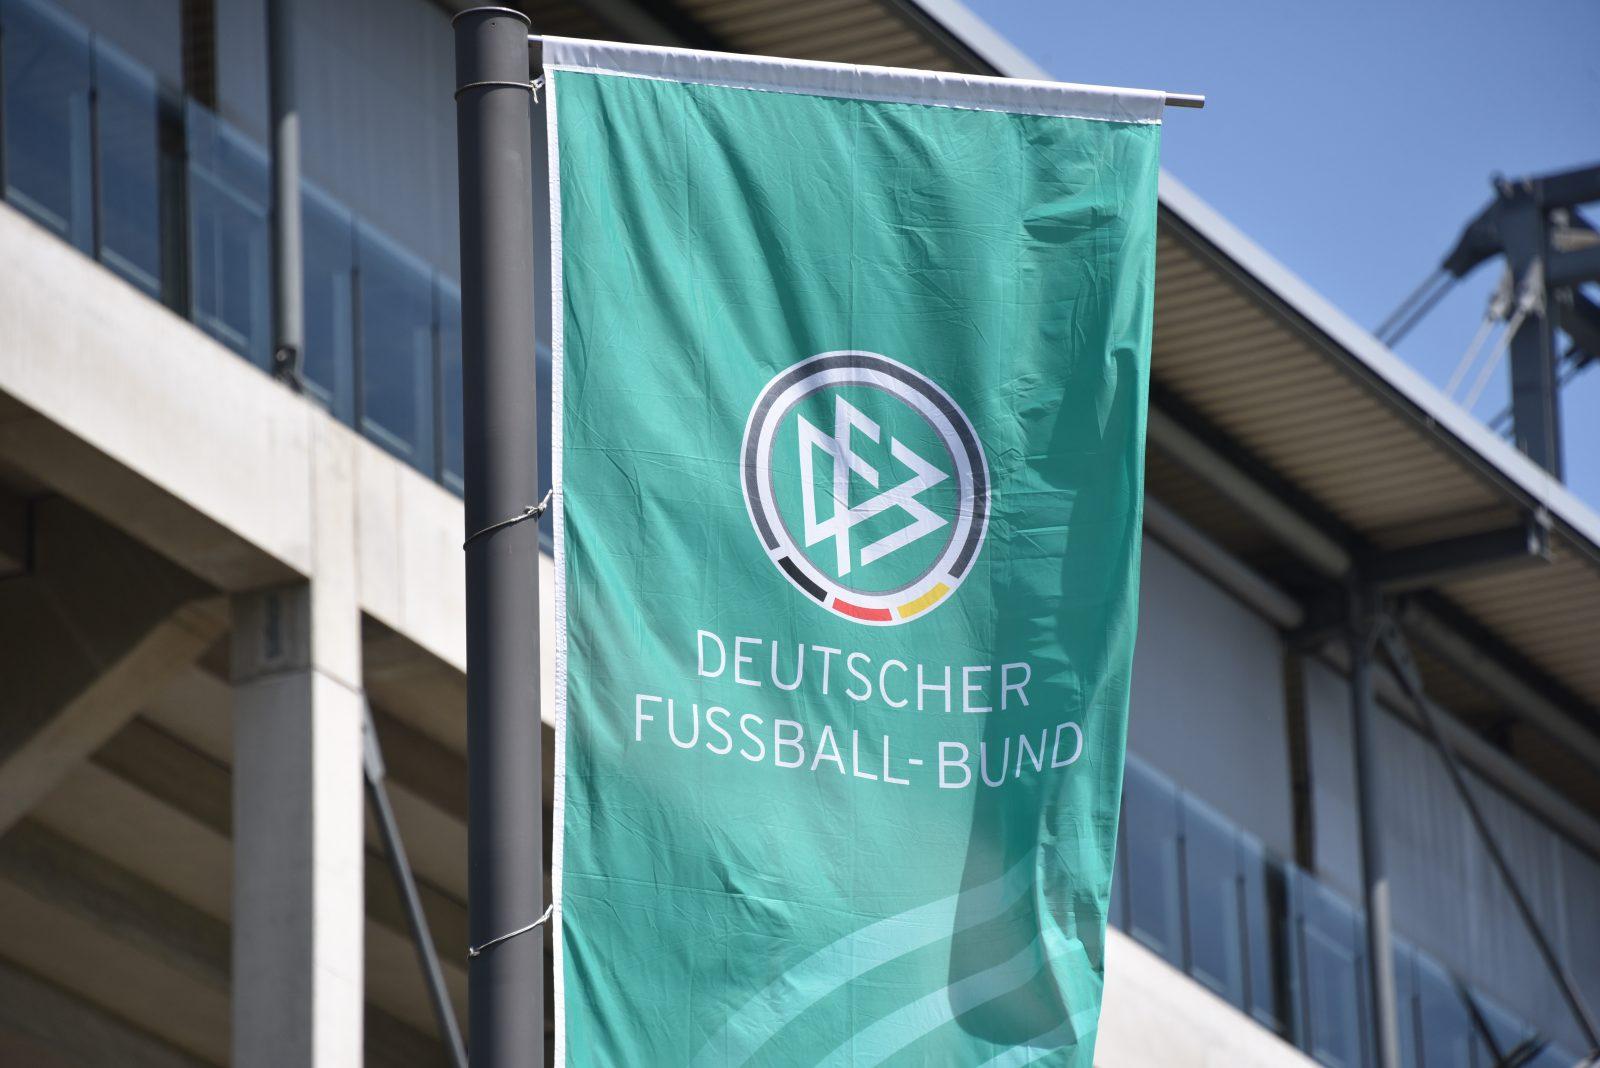 """DFB: """"Unverkrampfter Umgang mit geschlechtlicher und sexueller Vielfalt"""""""